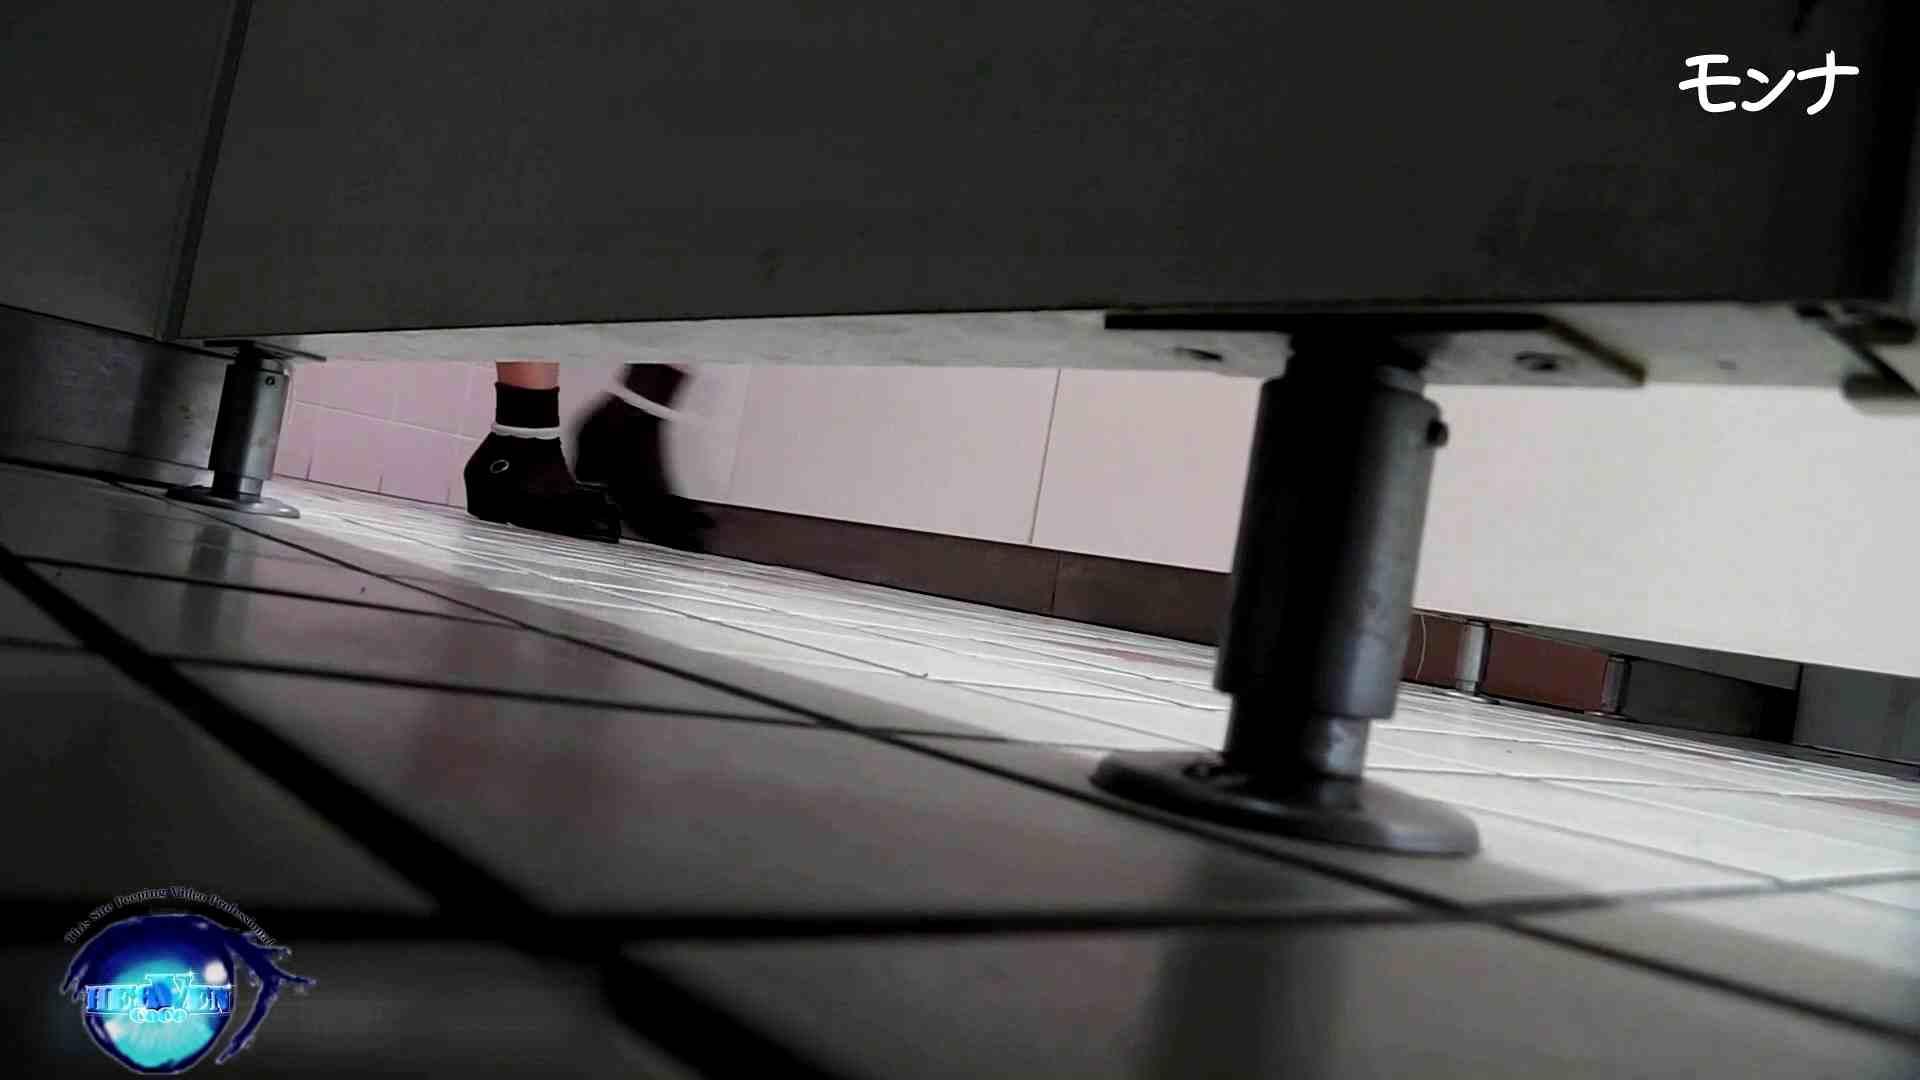 【美しい日本の未来】美しい日本の未来 No.82たまらない丸み、今度またハプニング起きる アナルプレイ 女性器鑑賞 98pic 96